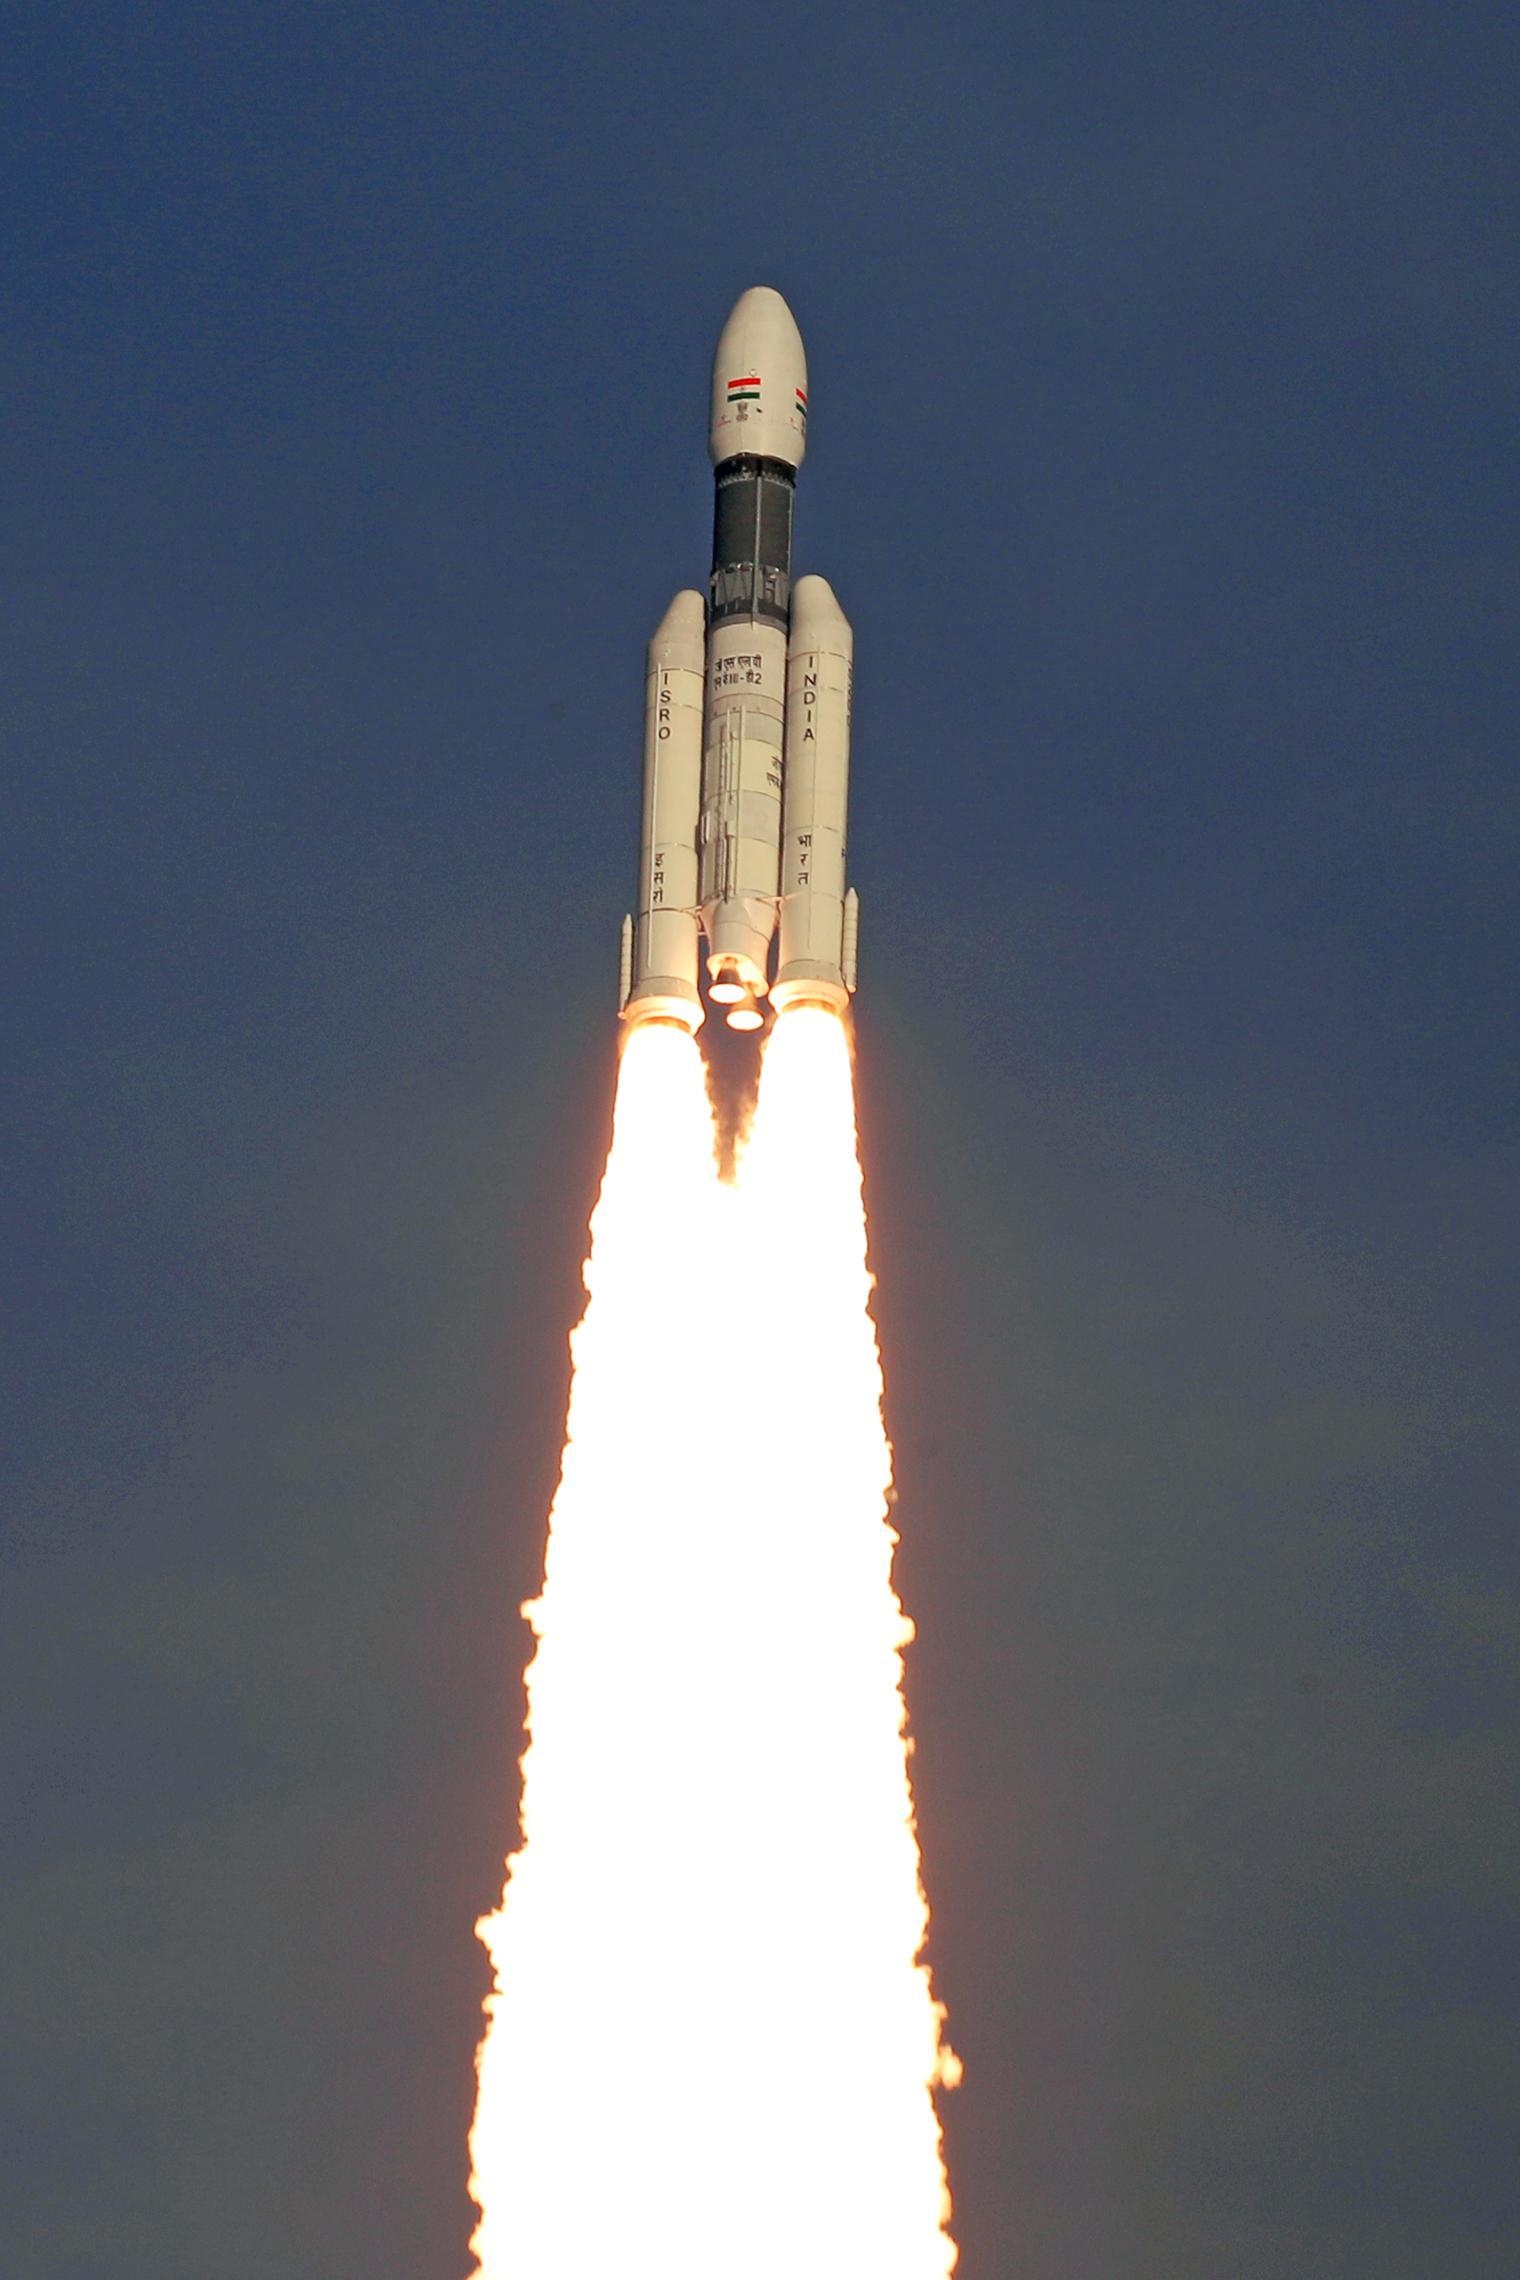 GSLV Mk III-D1 GSAT-29 Nov 2018 (ISRO) launch 1(c)